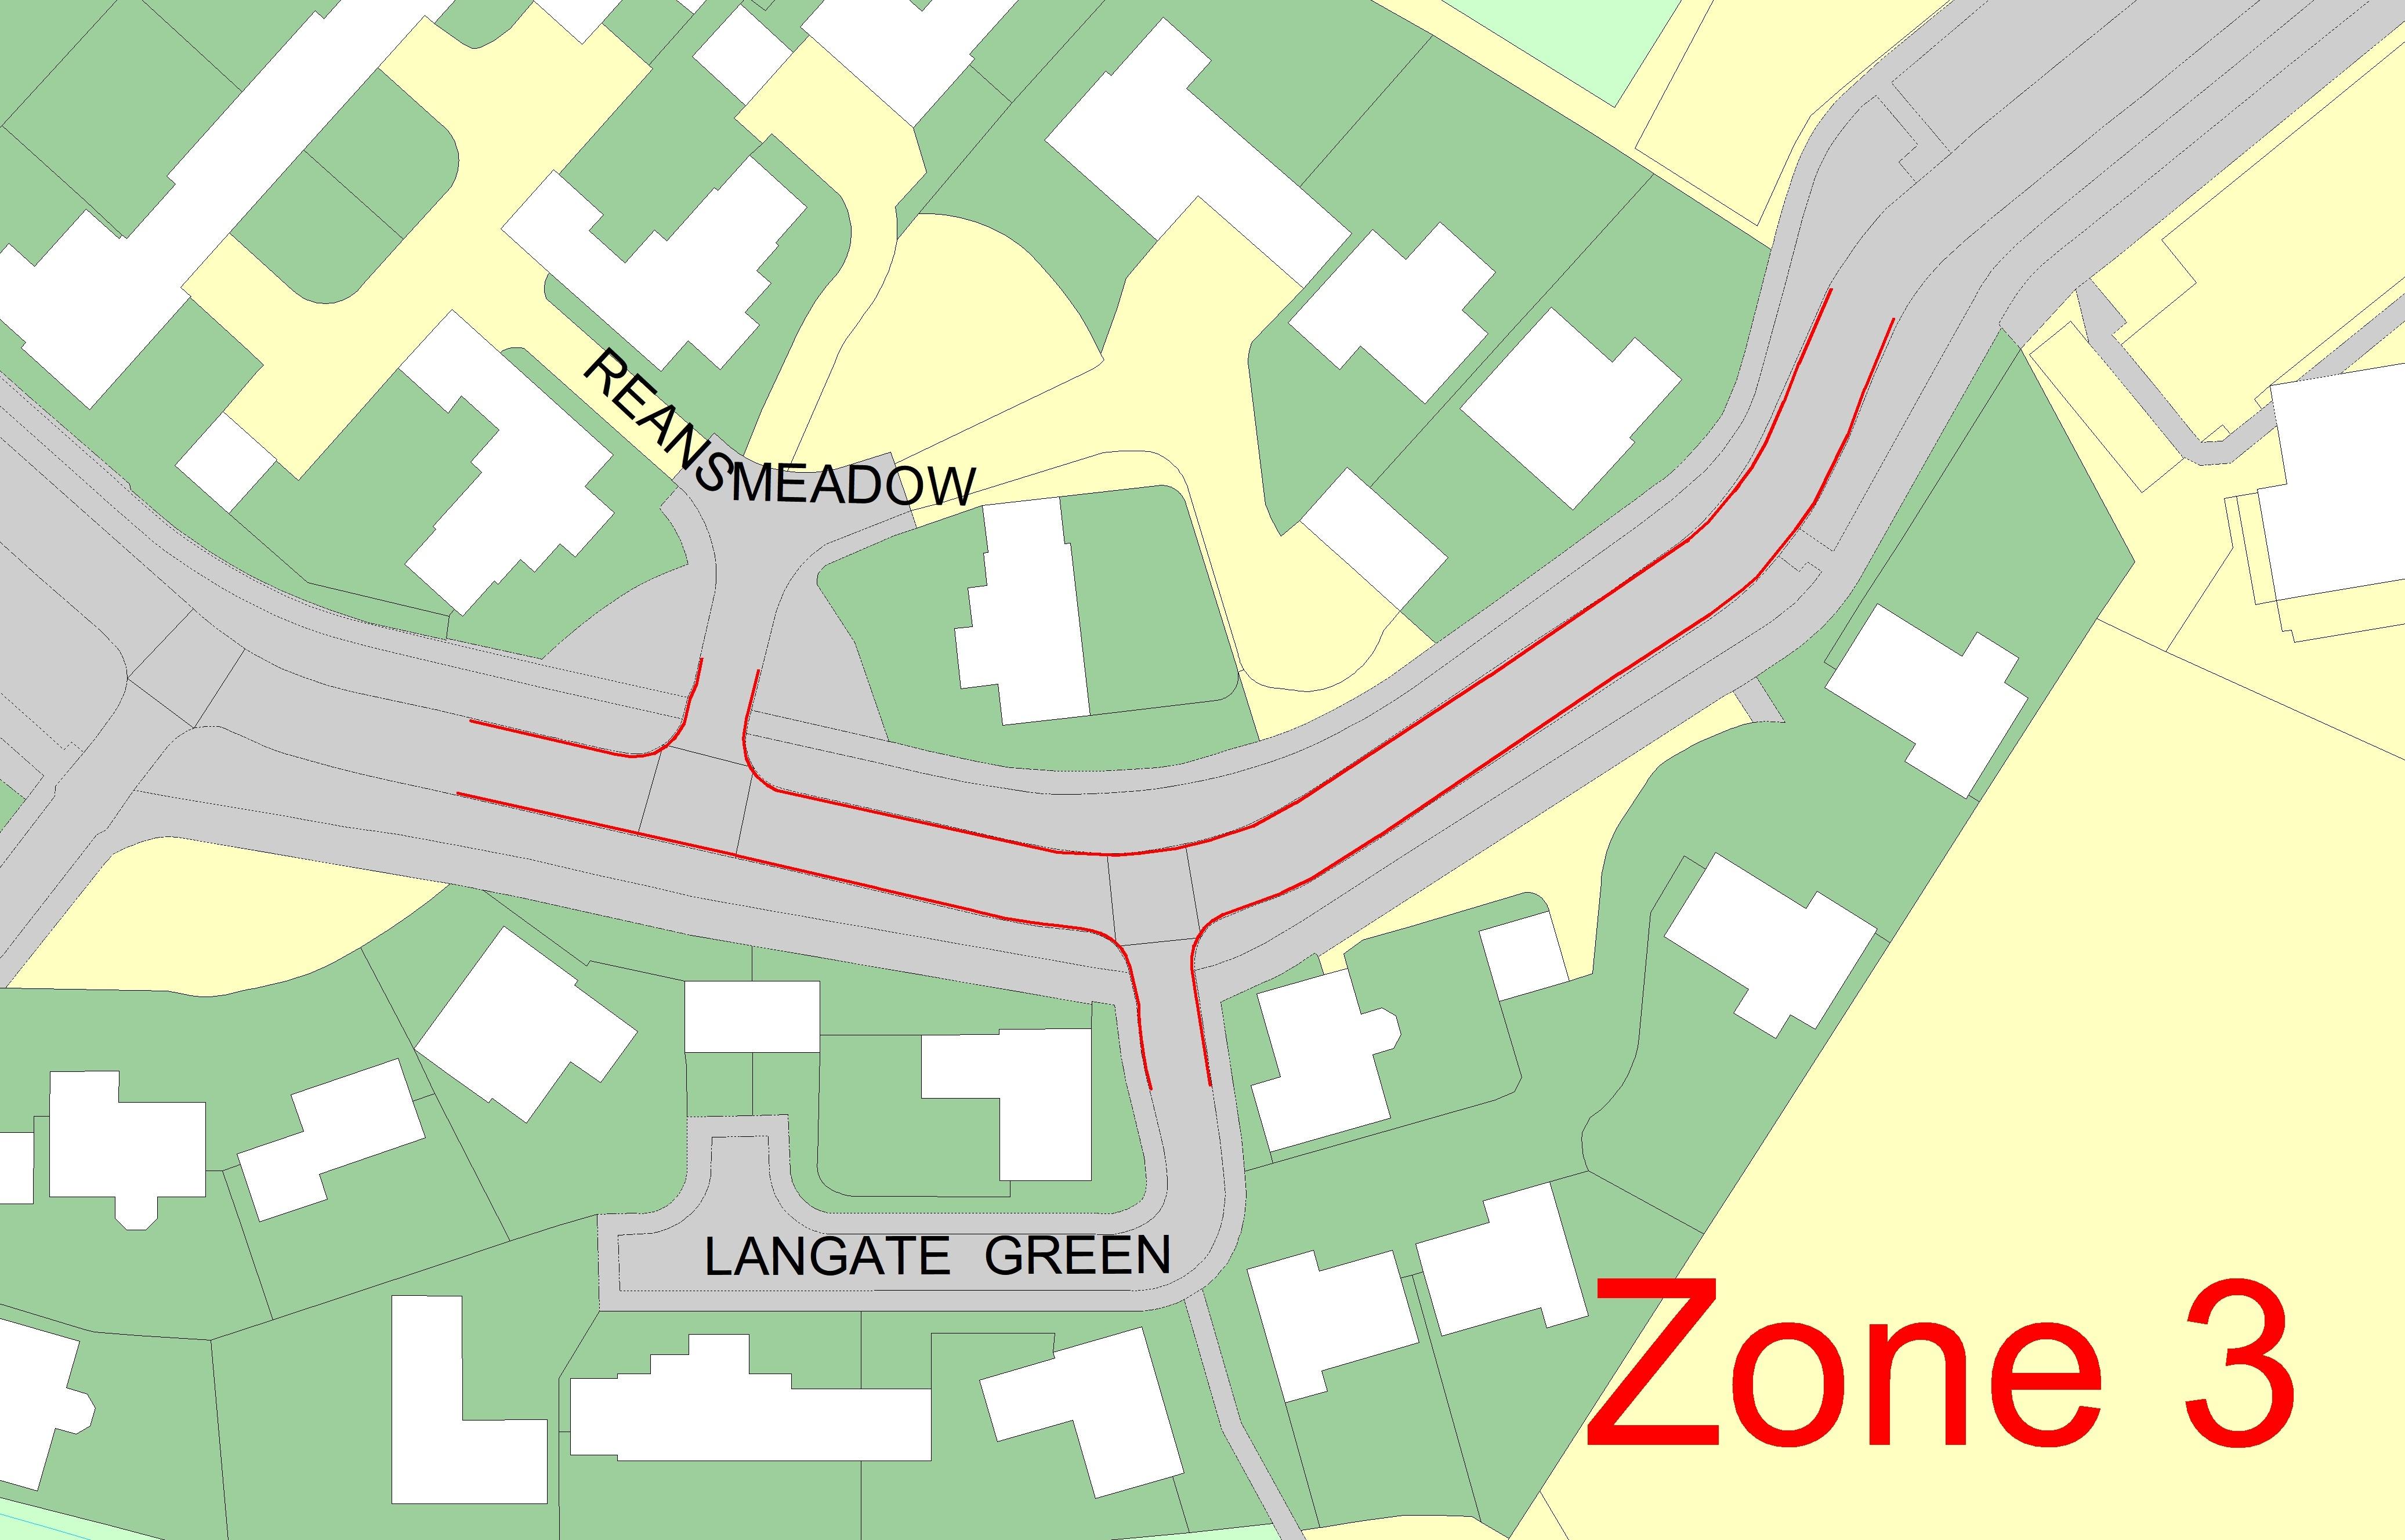 Zone 3 - School Lane